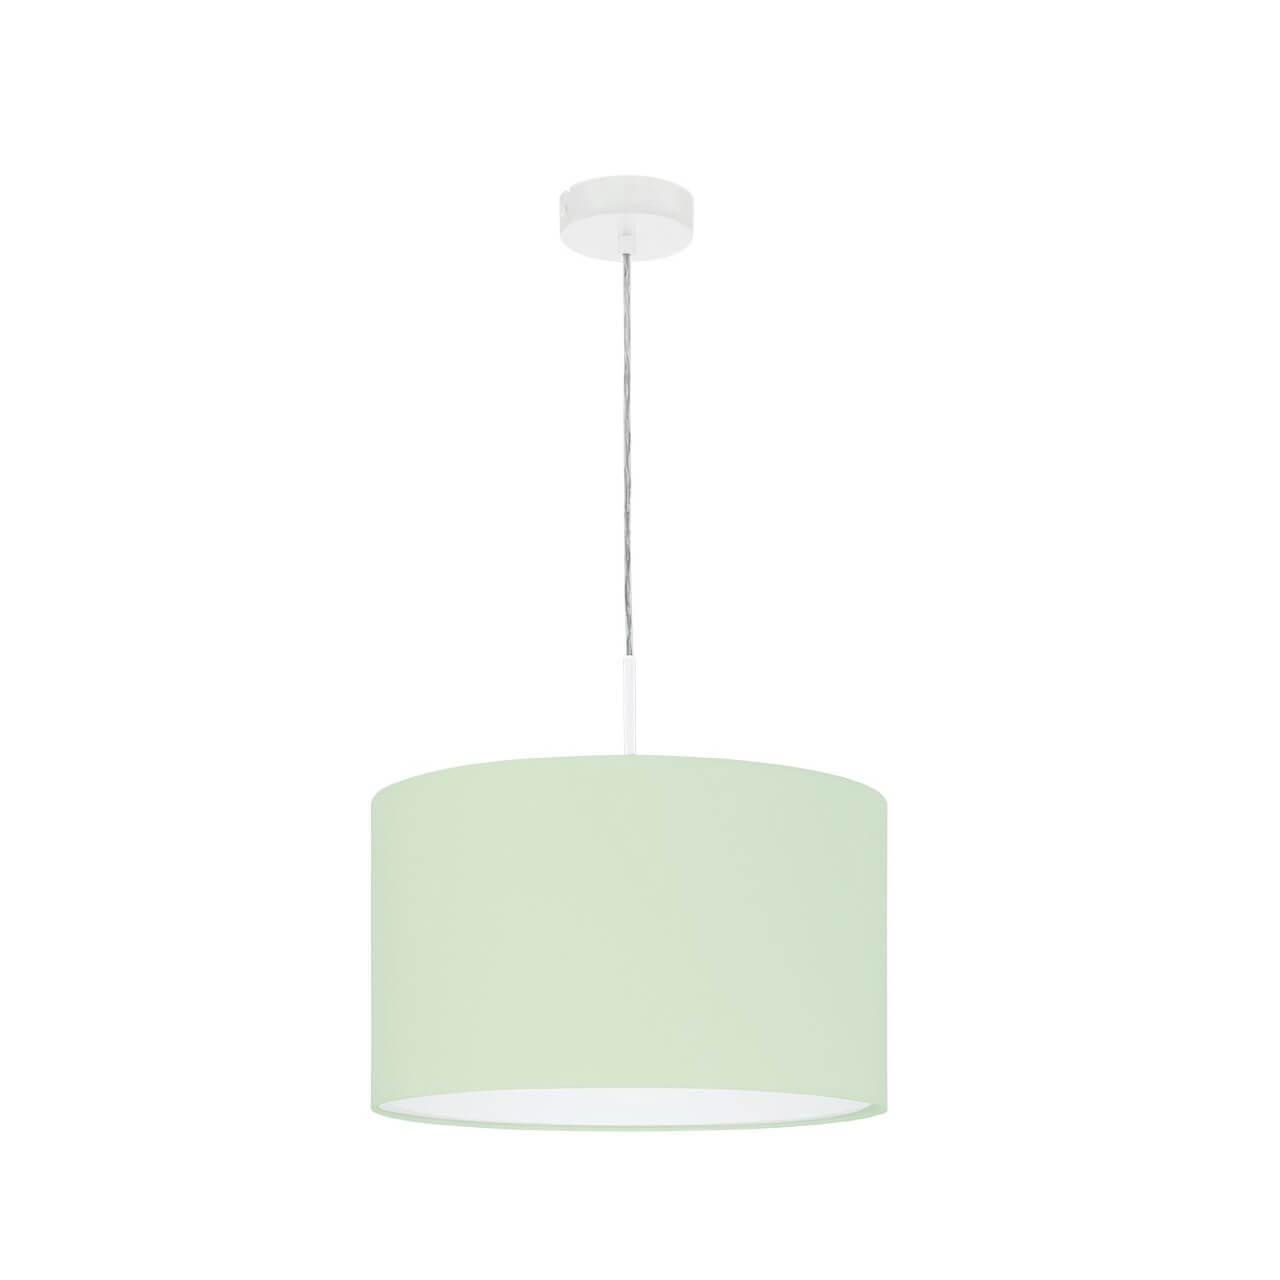 Подвесной светильник Eglo 97377, E27, 60 Вт подвесной светильник eglo pasteri 31577